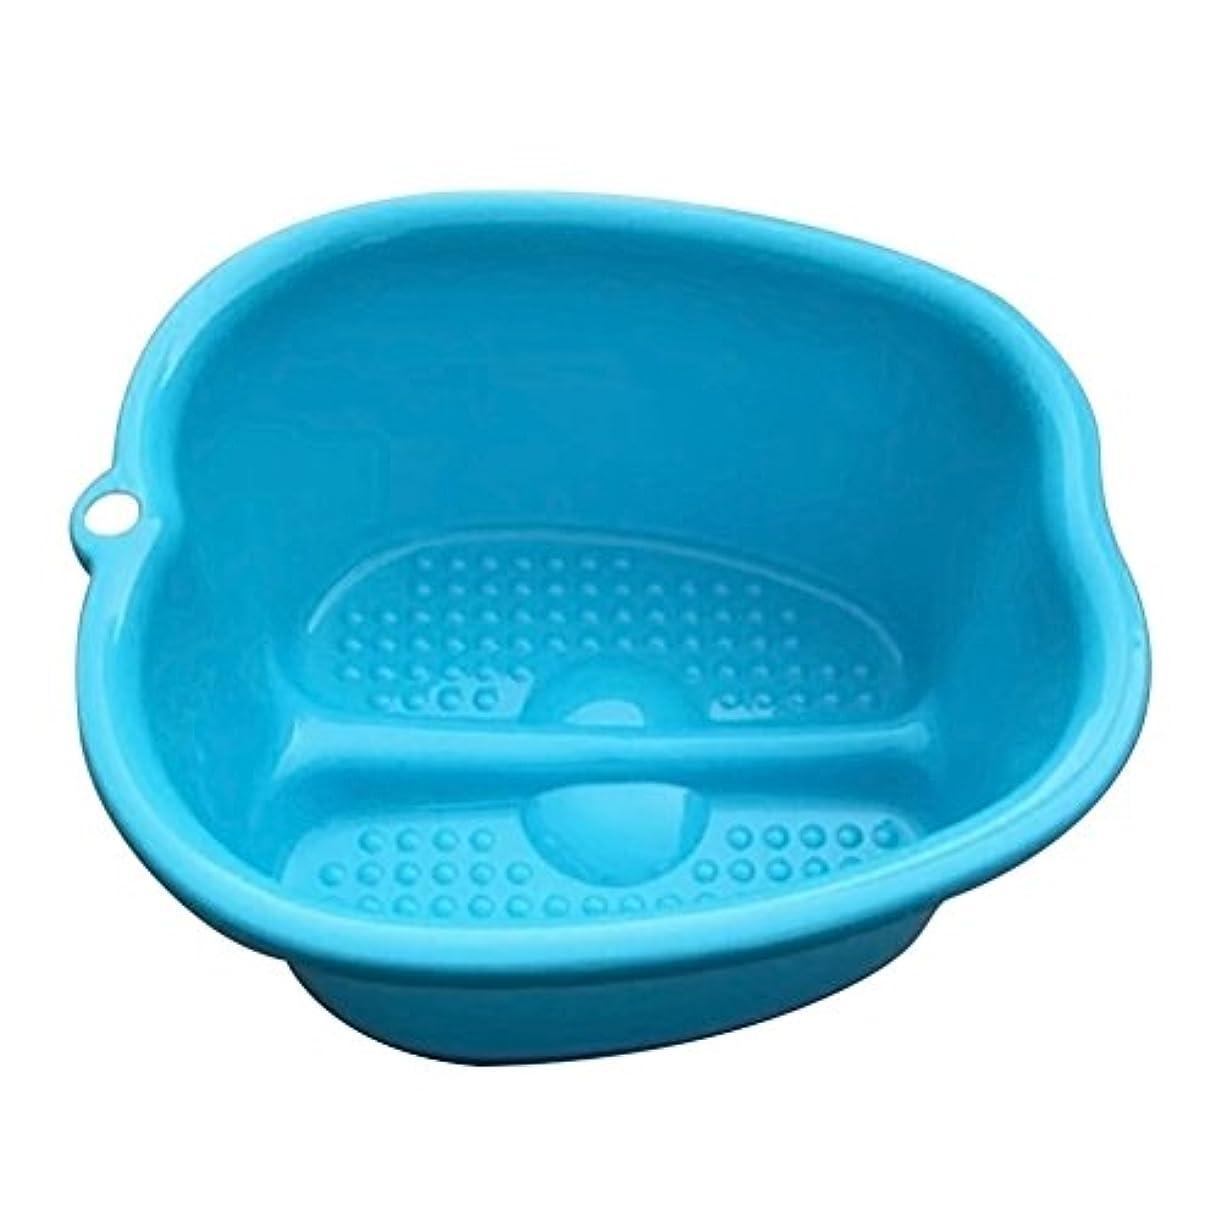 袋オリエント用心深いROSENICE プラスチックフットバス大きなフットタブ家庭用家庭用厚底フットバス(青)